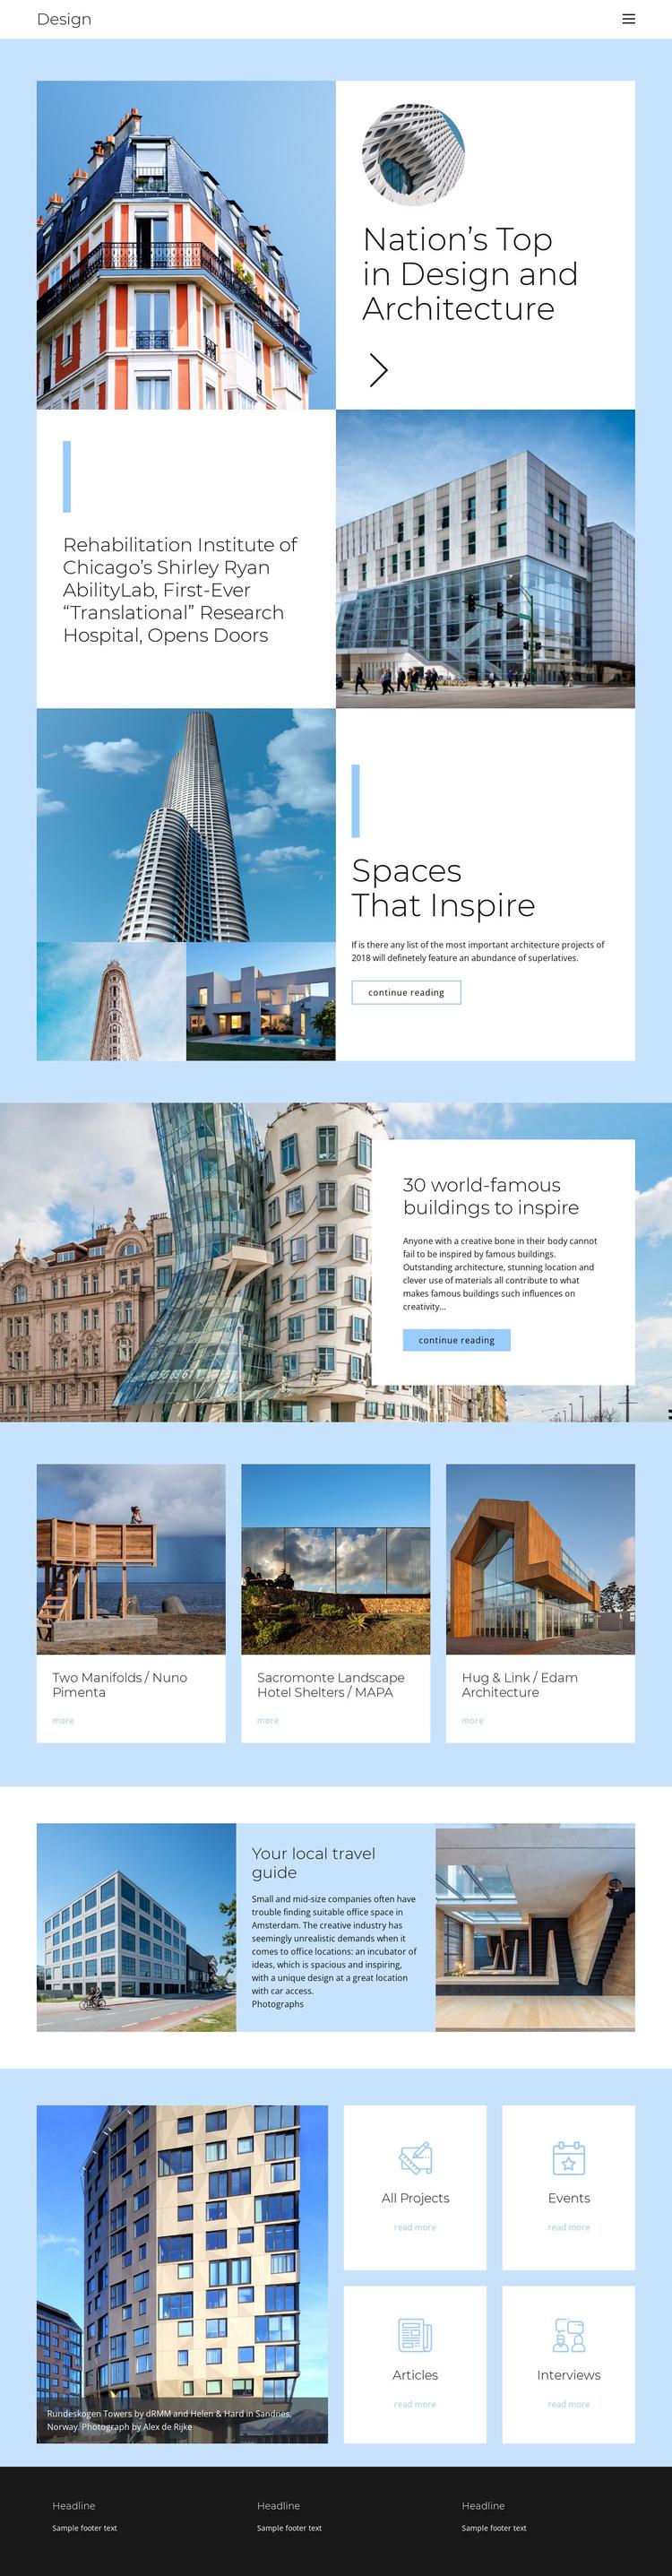 Architecture city guide Joomla Template